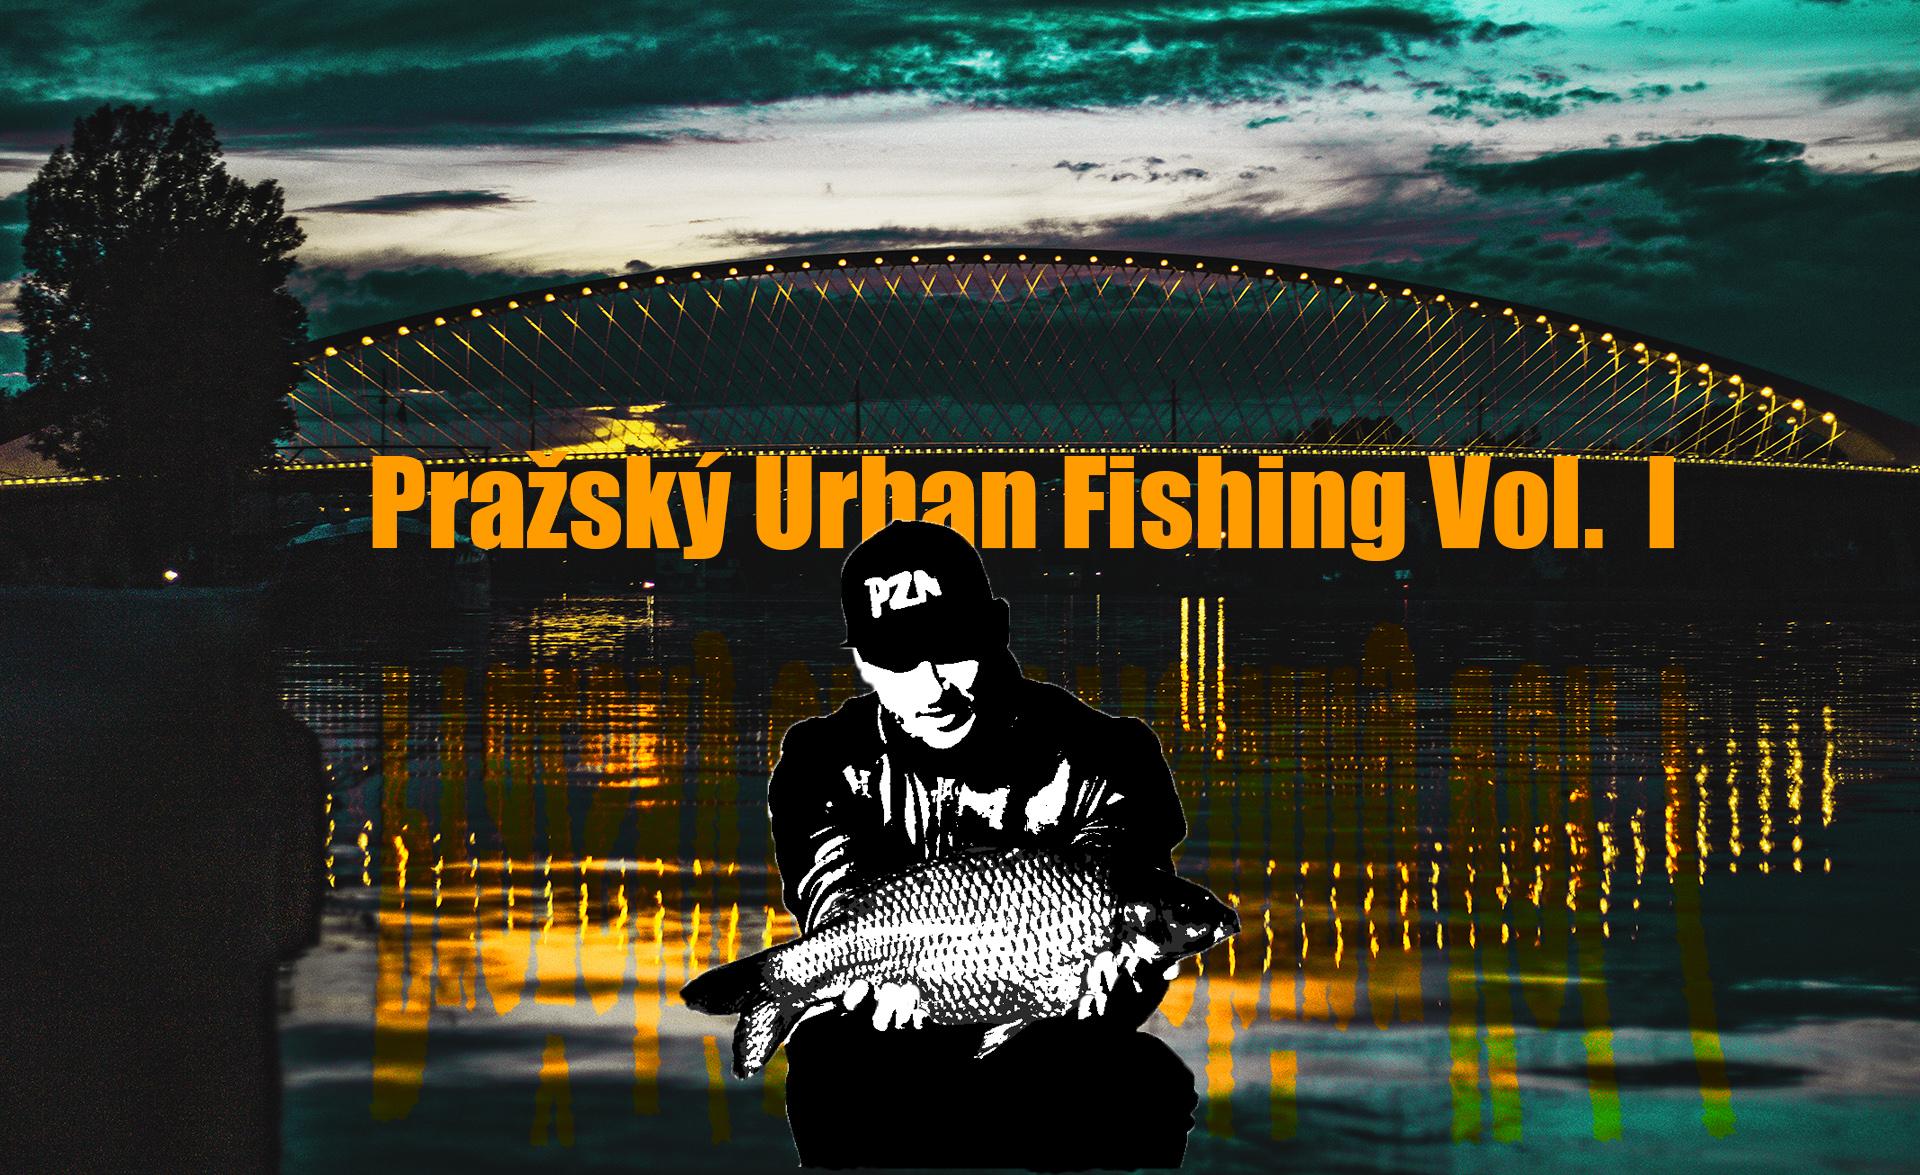 VIDEO - Pražský Urban Fishing Vol. I